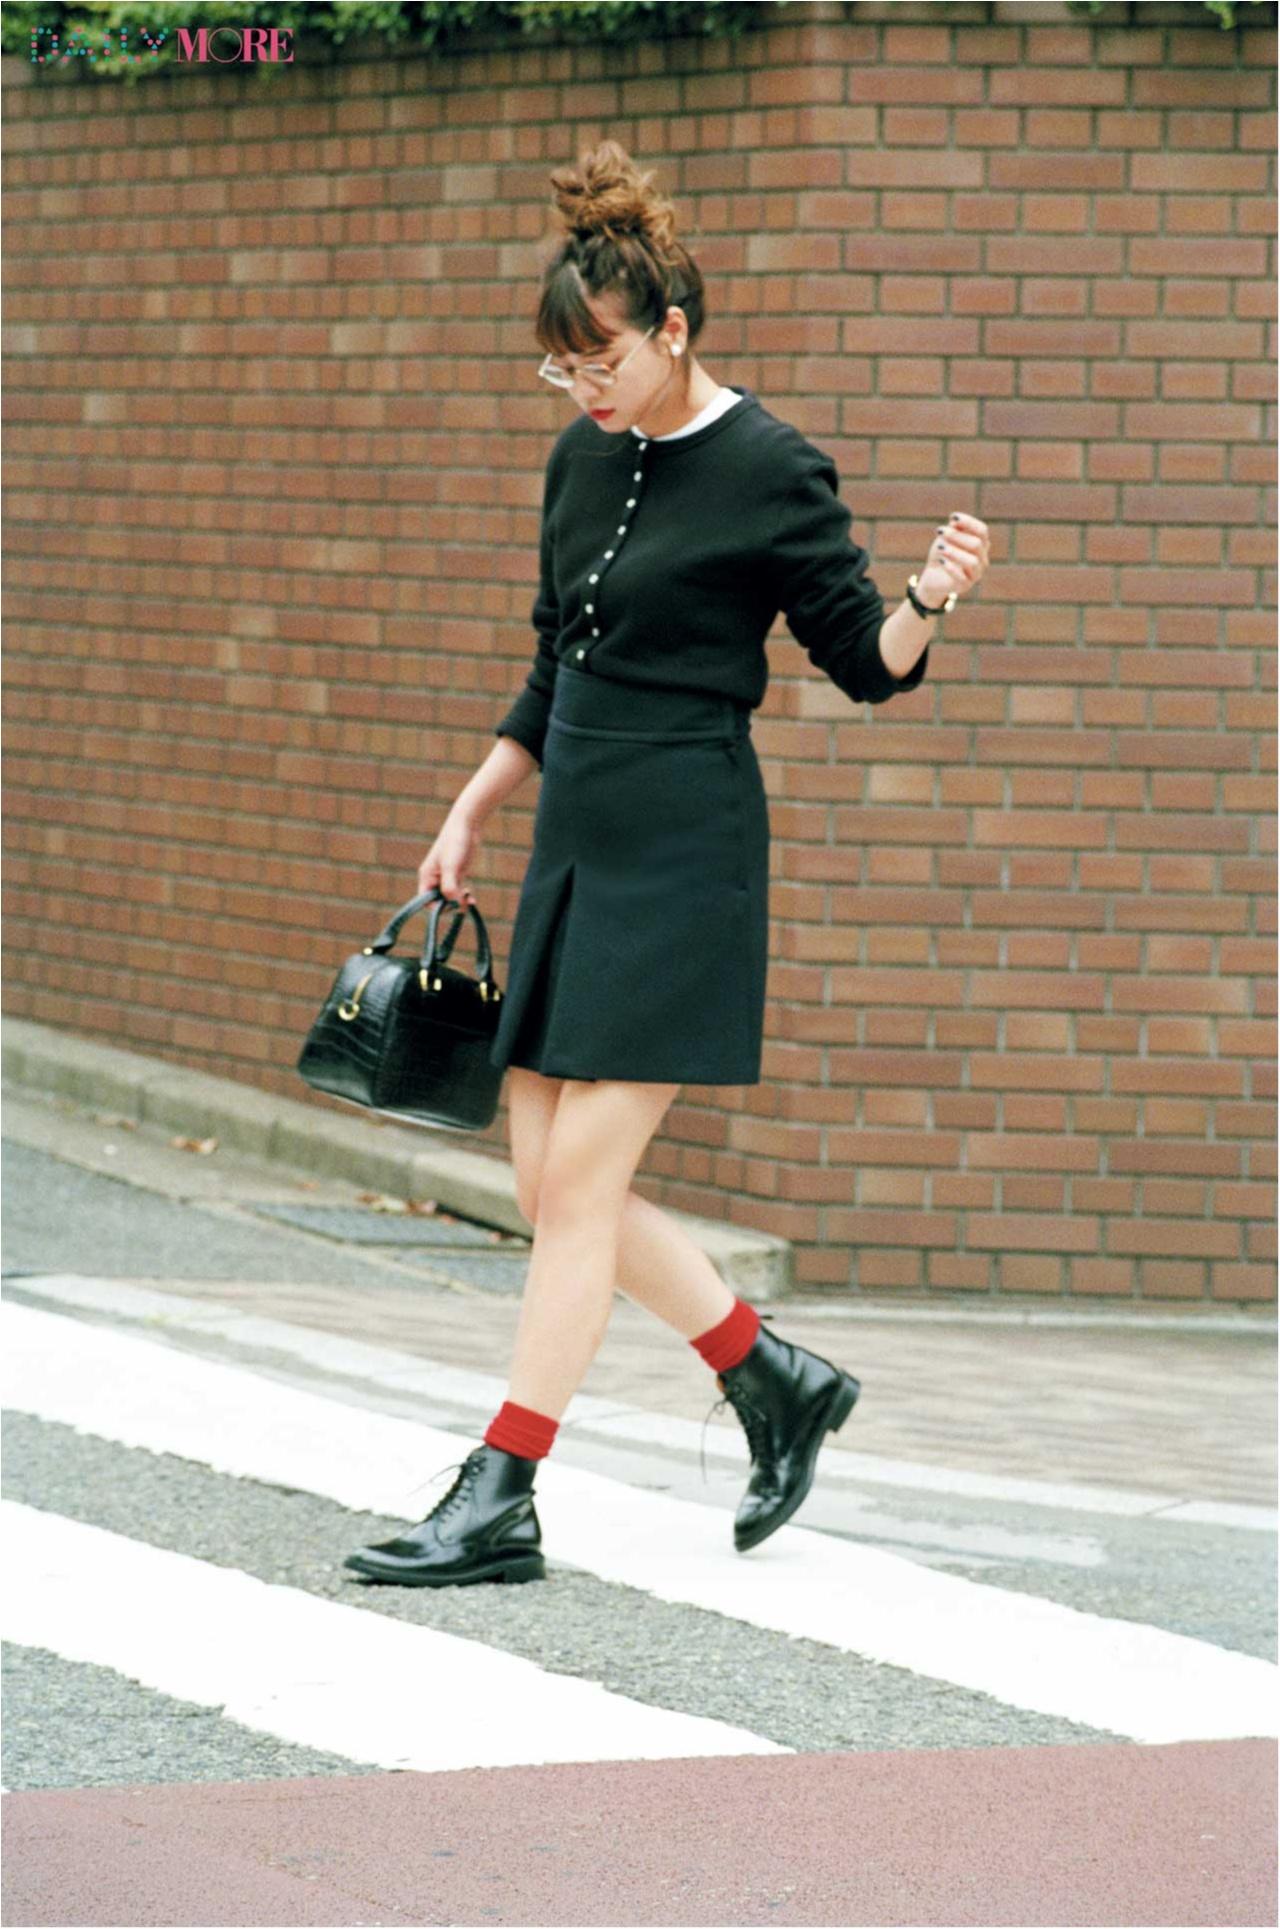 石上美津江さんがいま『アニエスベー』のスナップカーデをいちおしする理由。_1_1